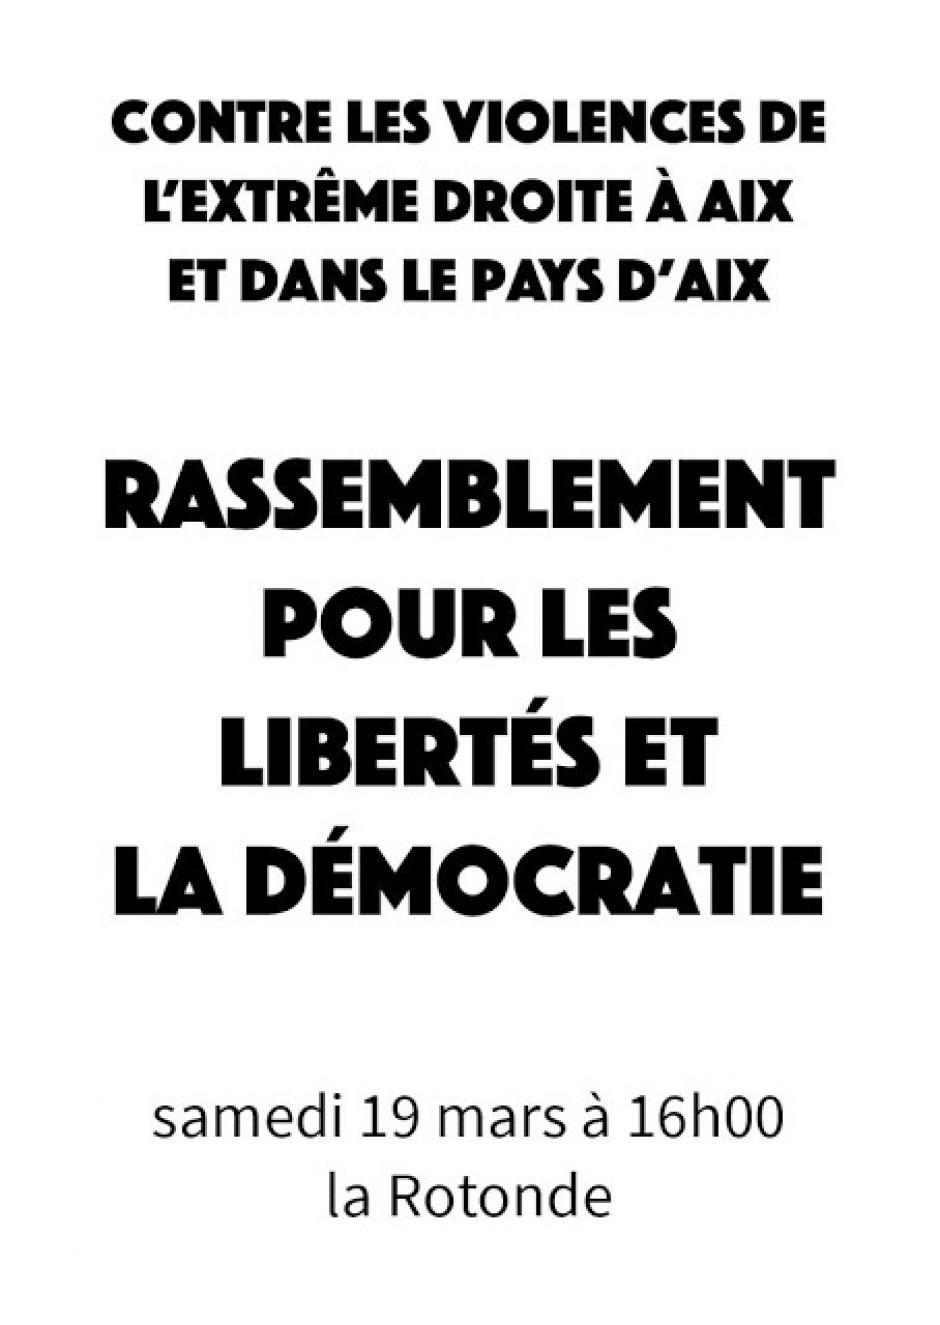 Contre les violences de l'extrême-droite à Aix (19/03/2016 - 16h à la Rotonde)